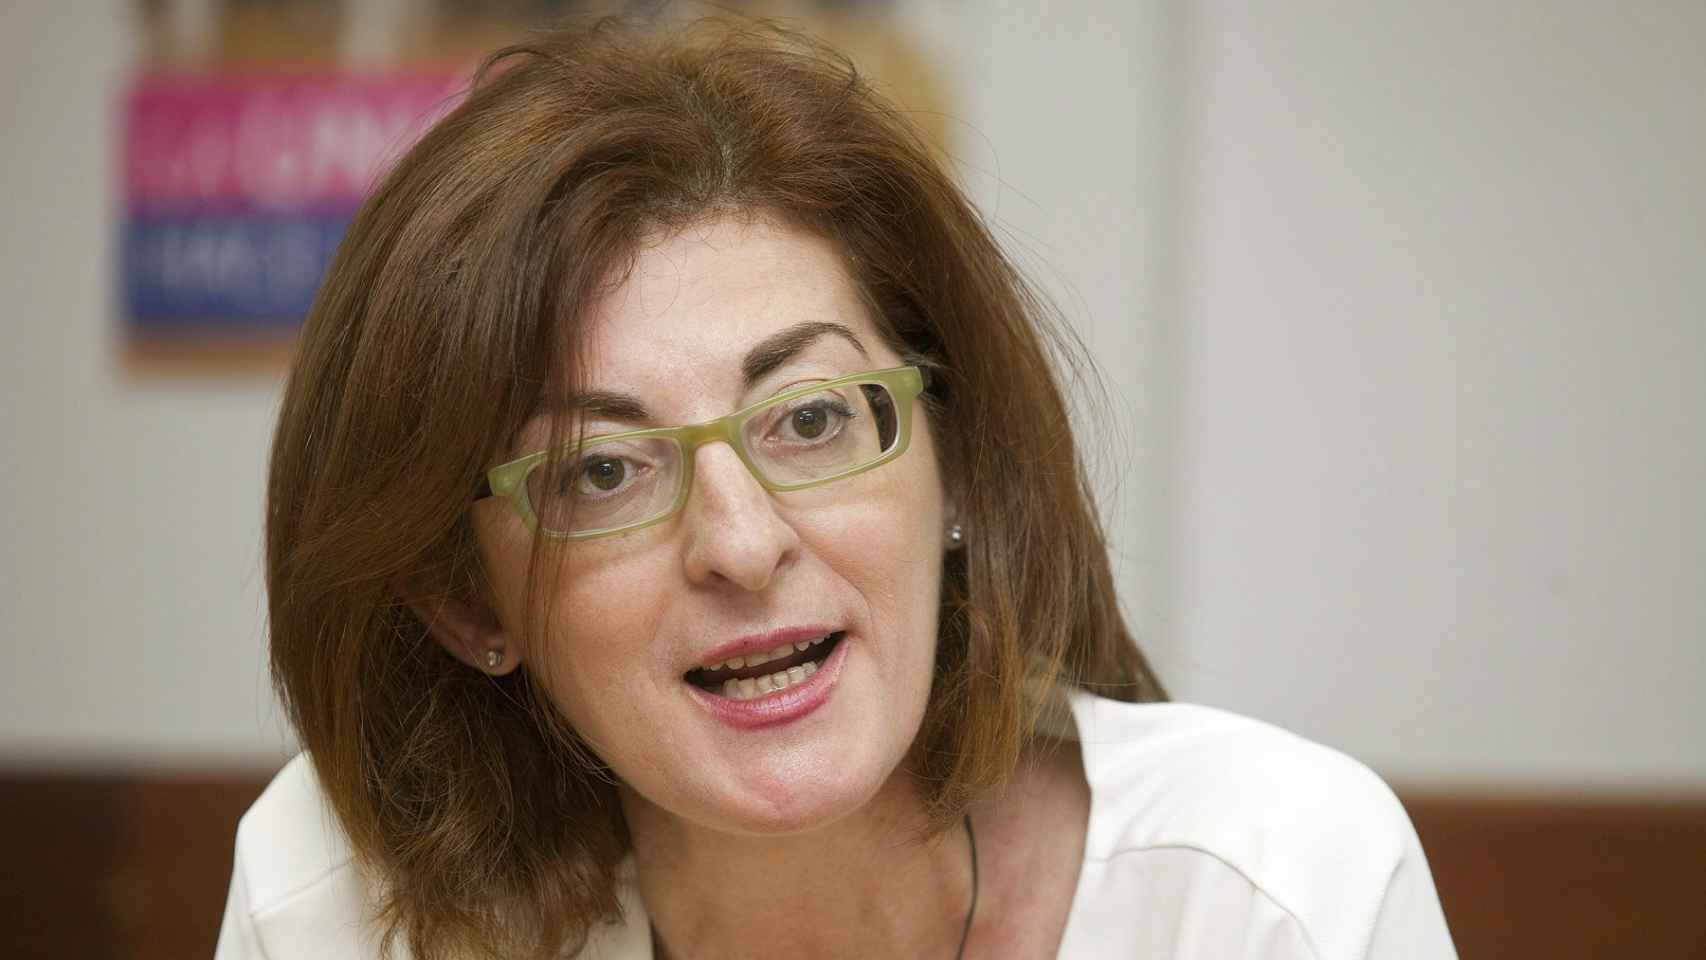 Pagazaurtundúa trabaja en el Europarlamento contra la radicalización de jóvenes.